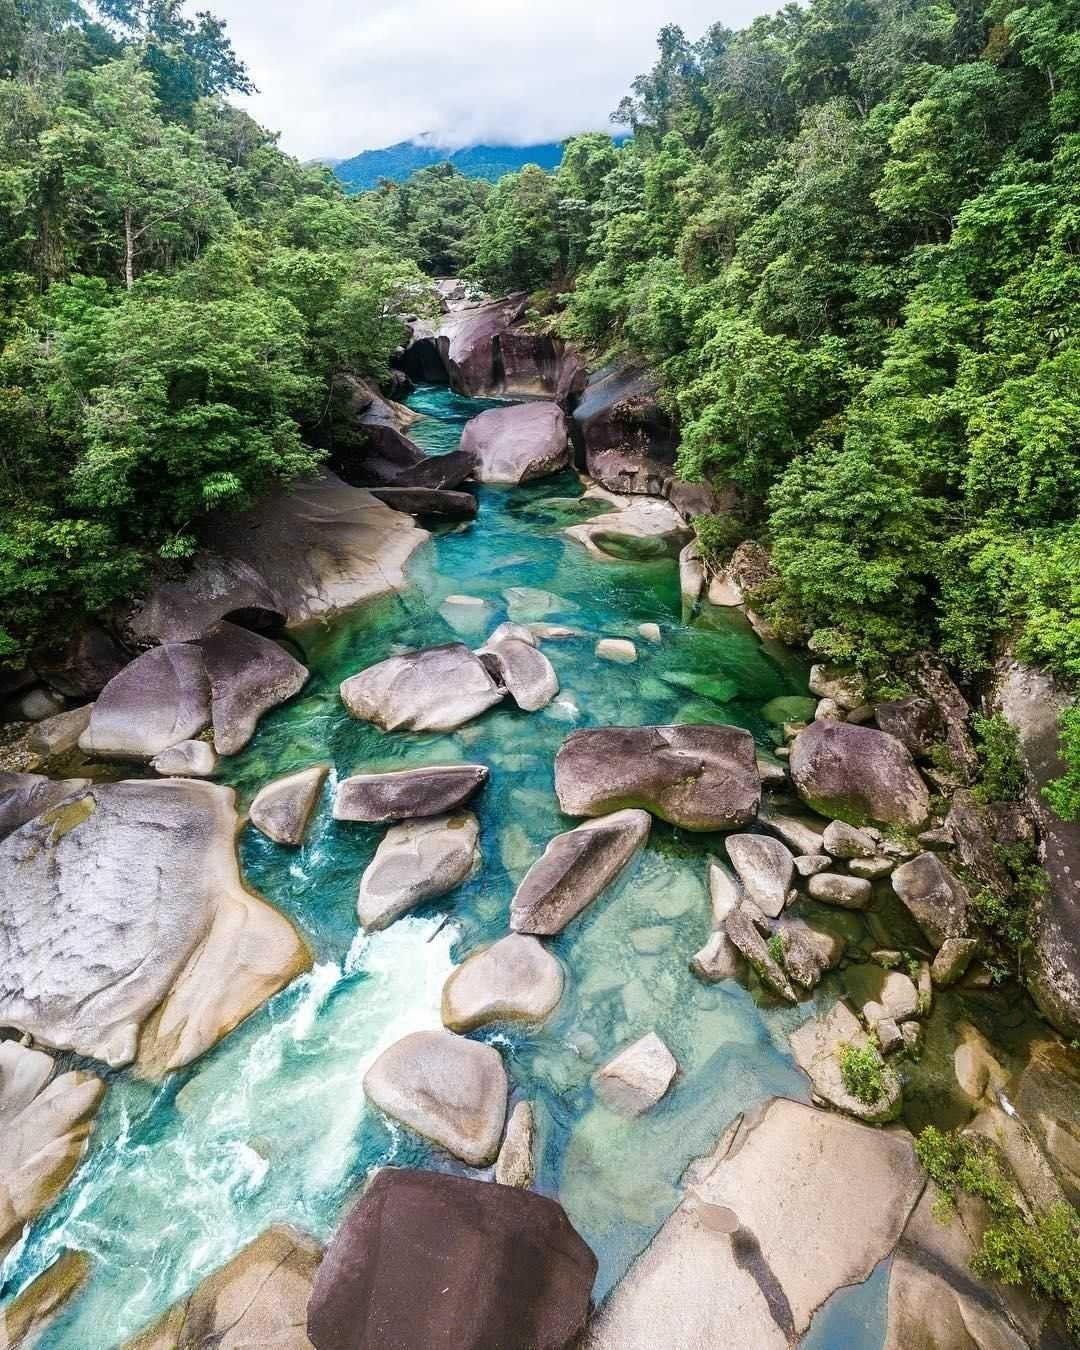 Babinda Boulders là một điểm rất phổ biến cho những người đi bộ đường dài và dân phượt trên đường đến Cairns. Ảnh: pinimg